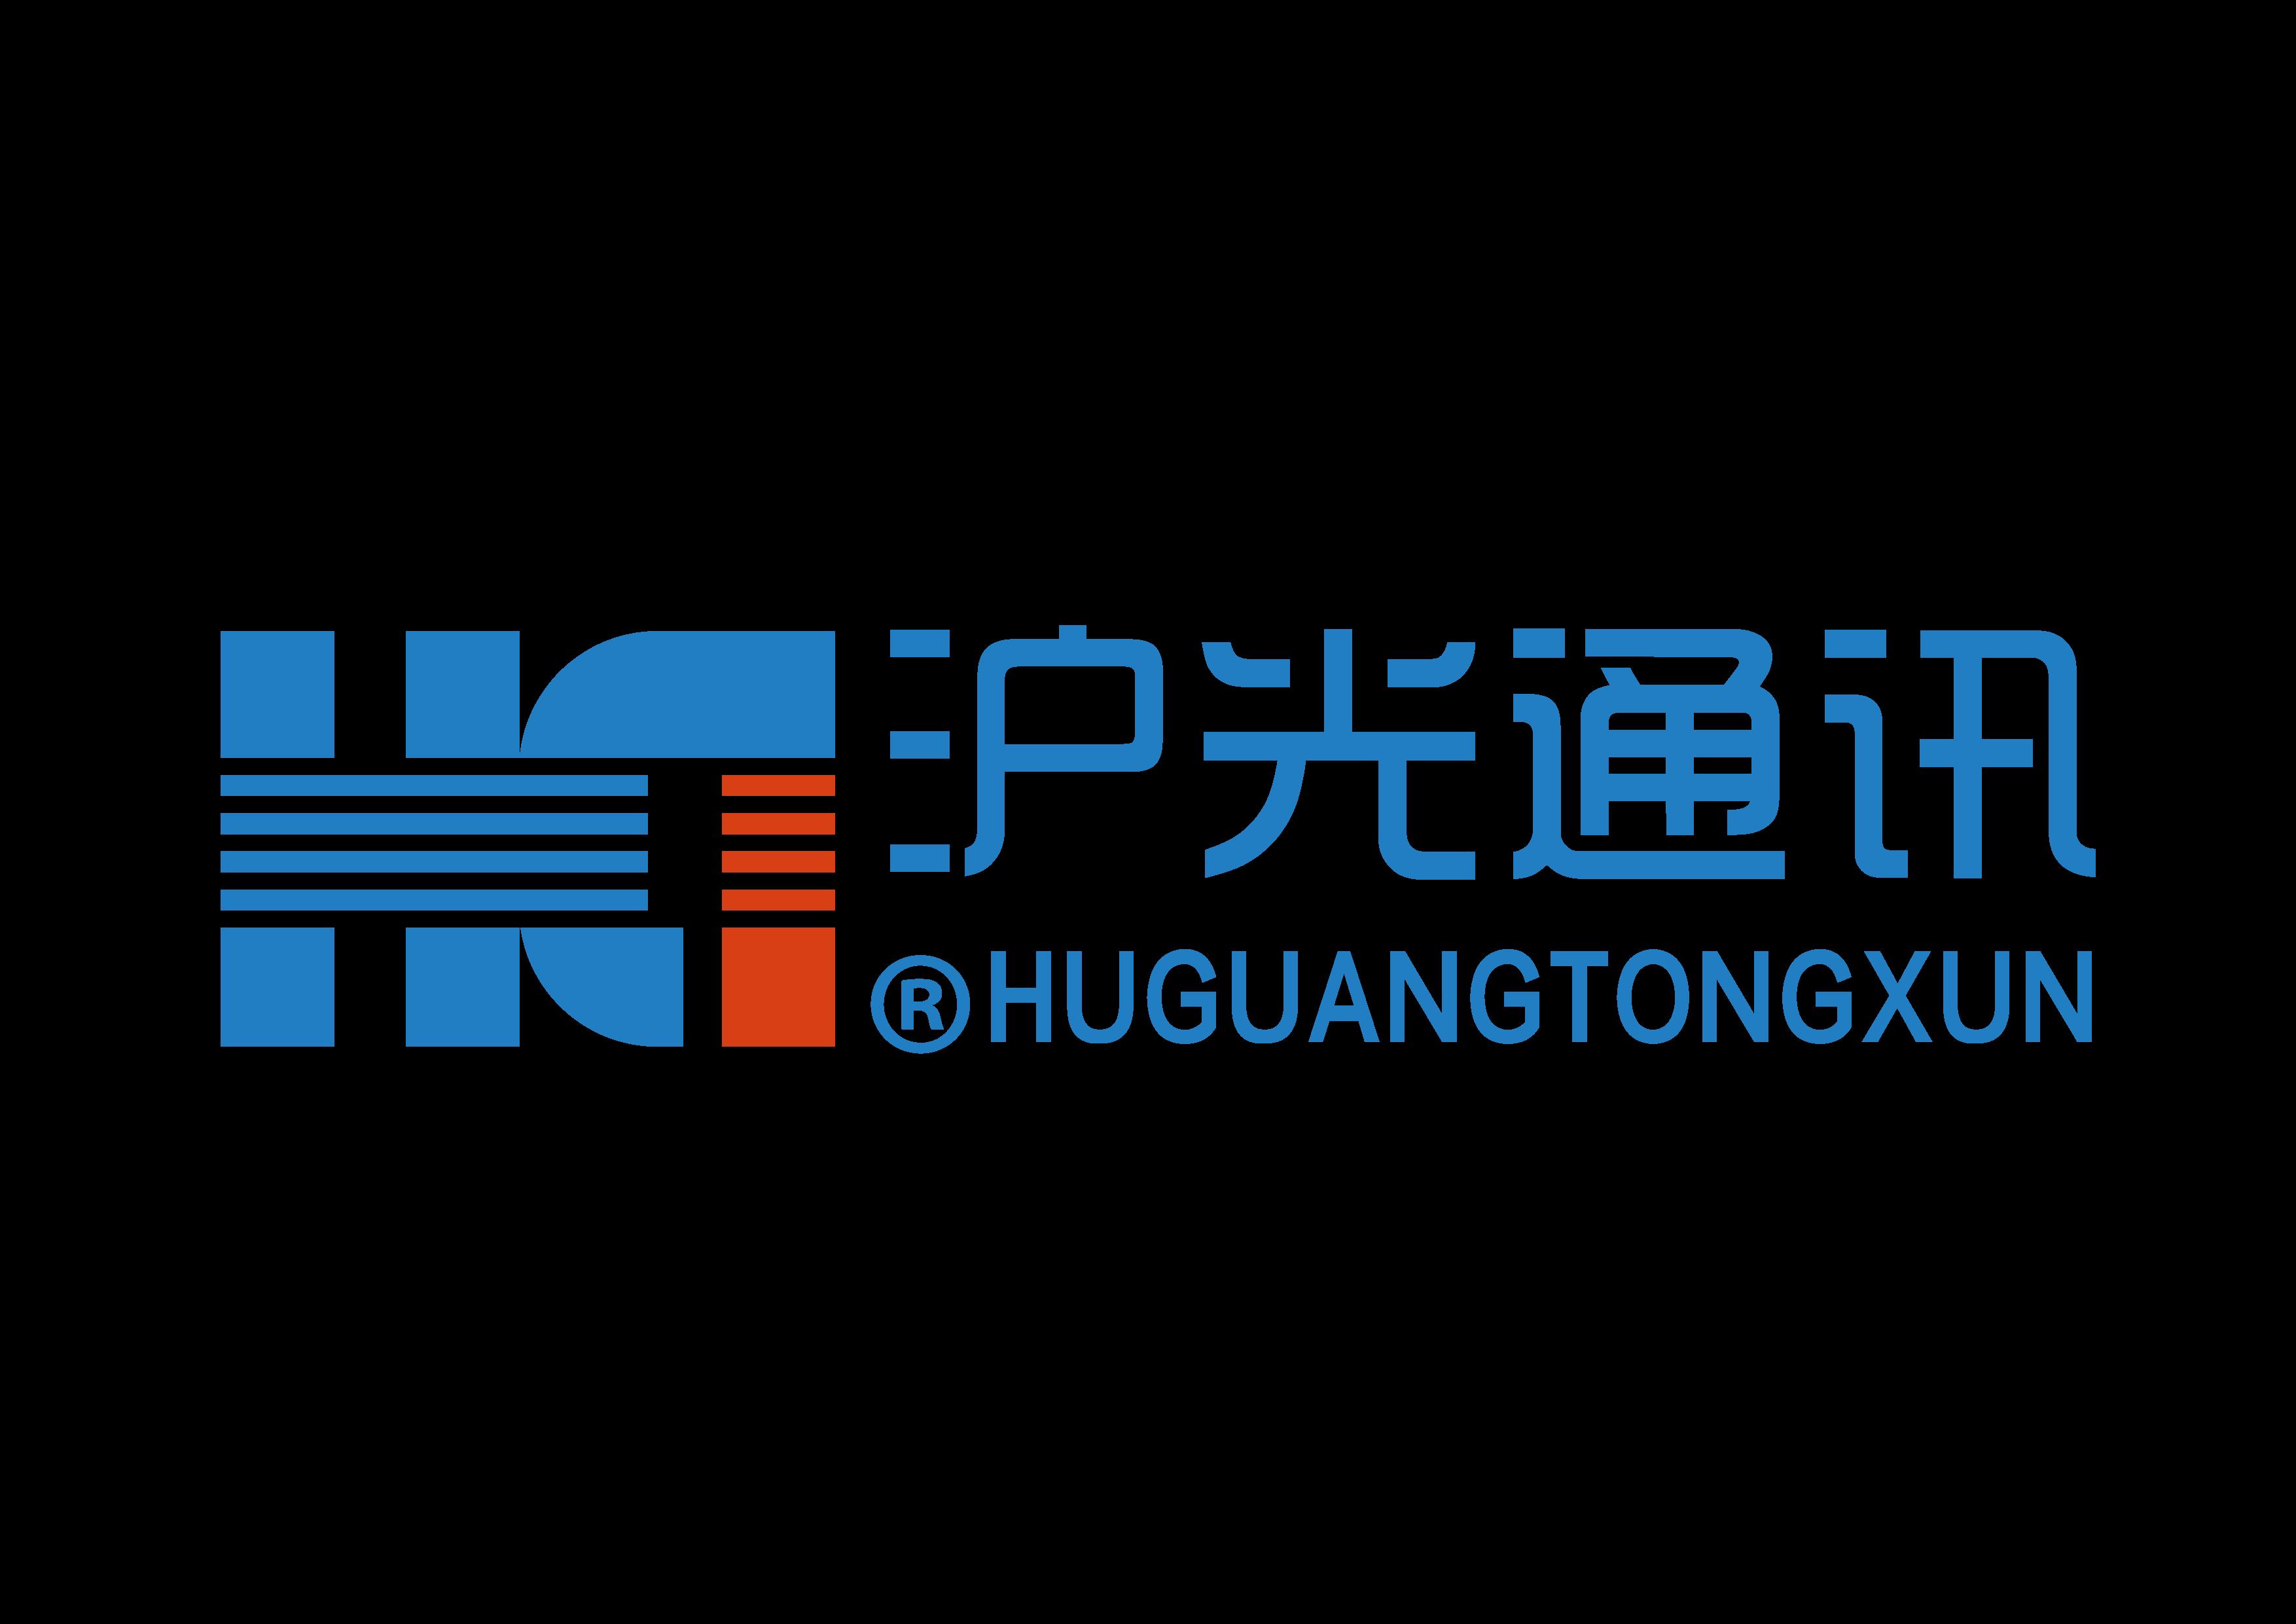 上海滬光通訊設備有限公司